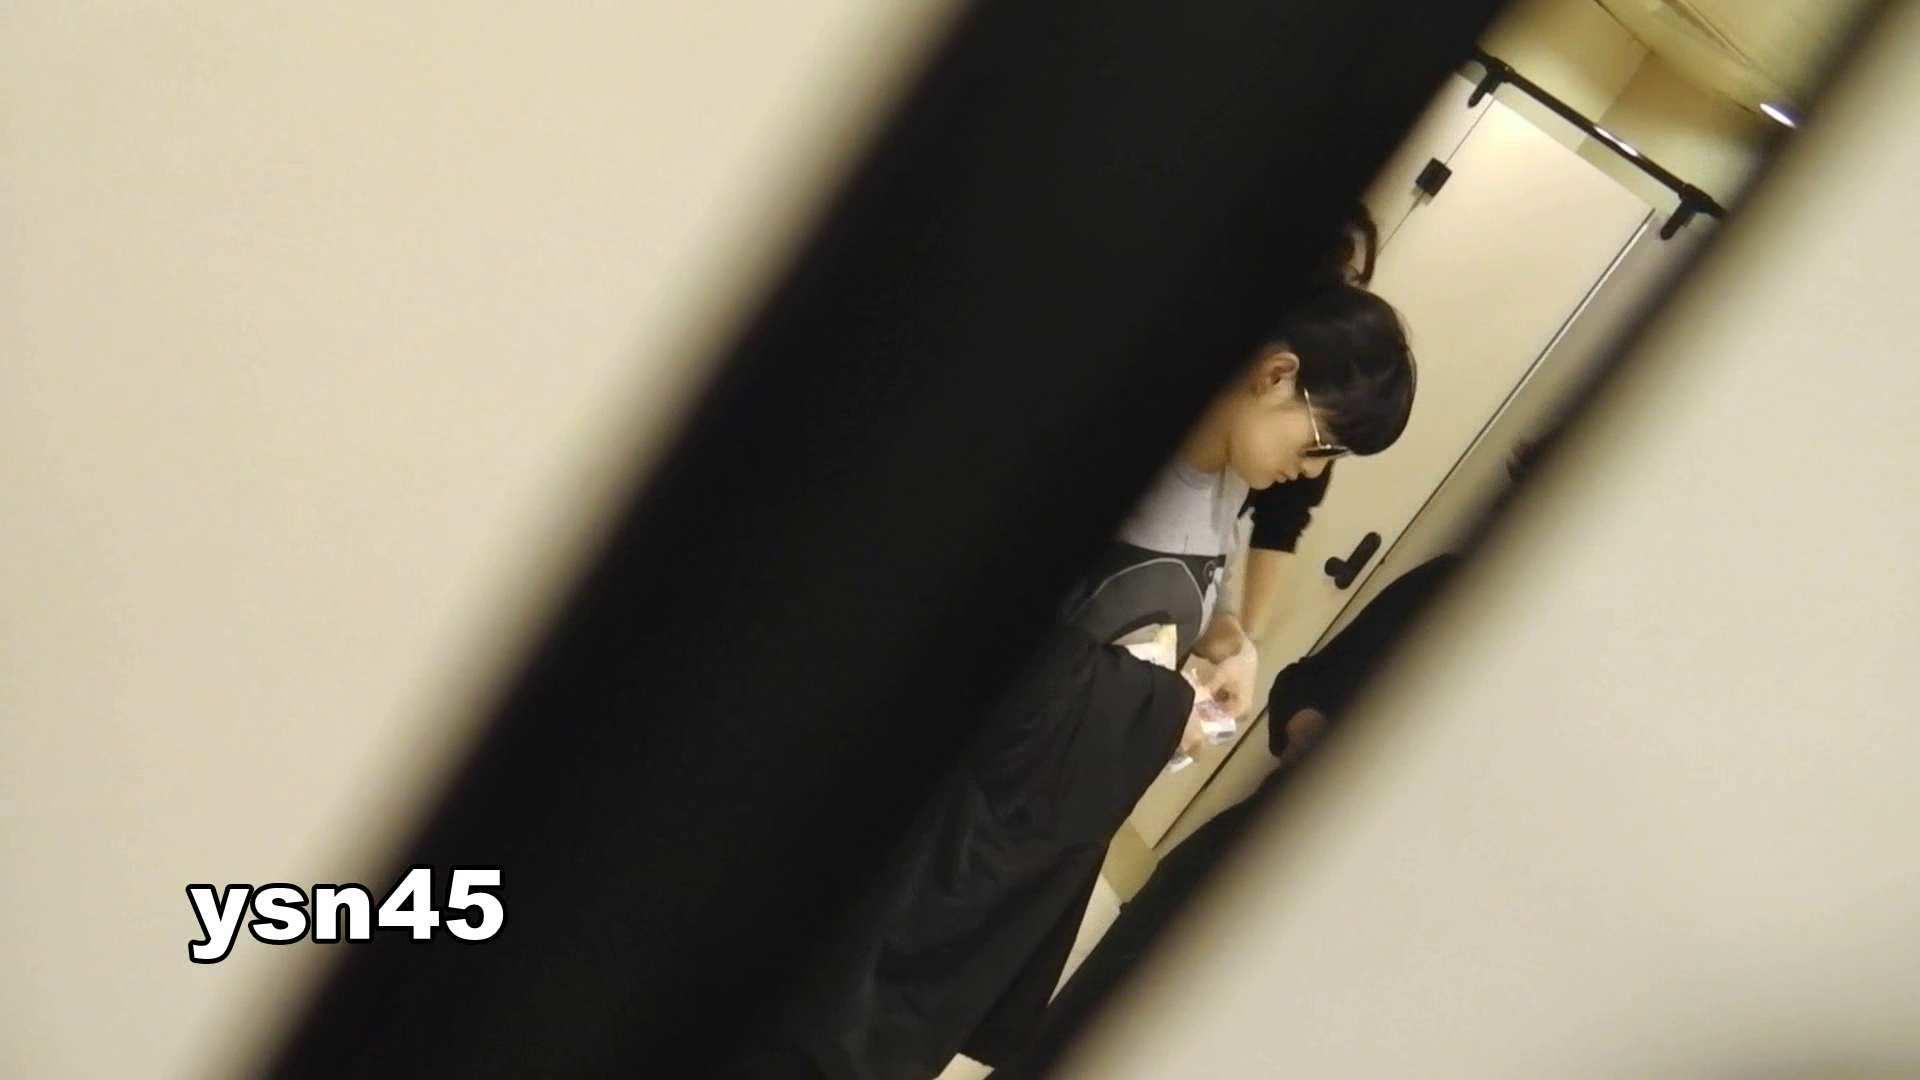 世界の射窓から vol.45 尻出しスマホ お姉さん攻略 濡れ場動画紹介 79画像 28